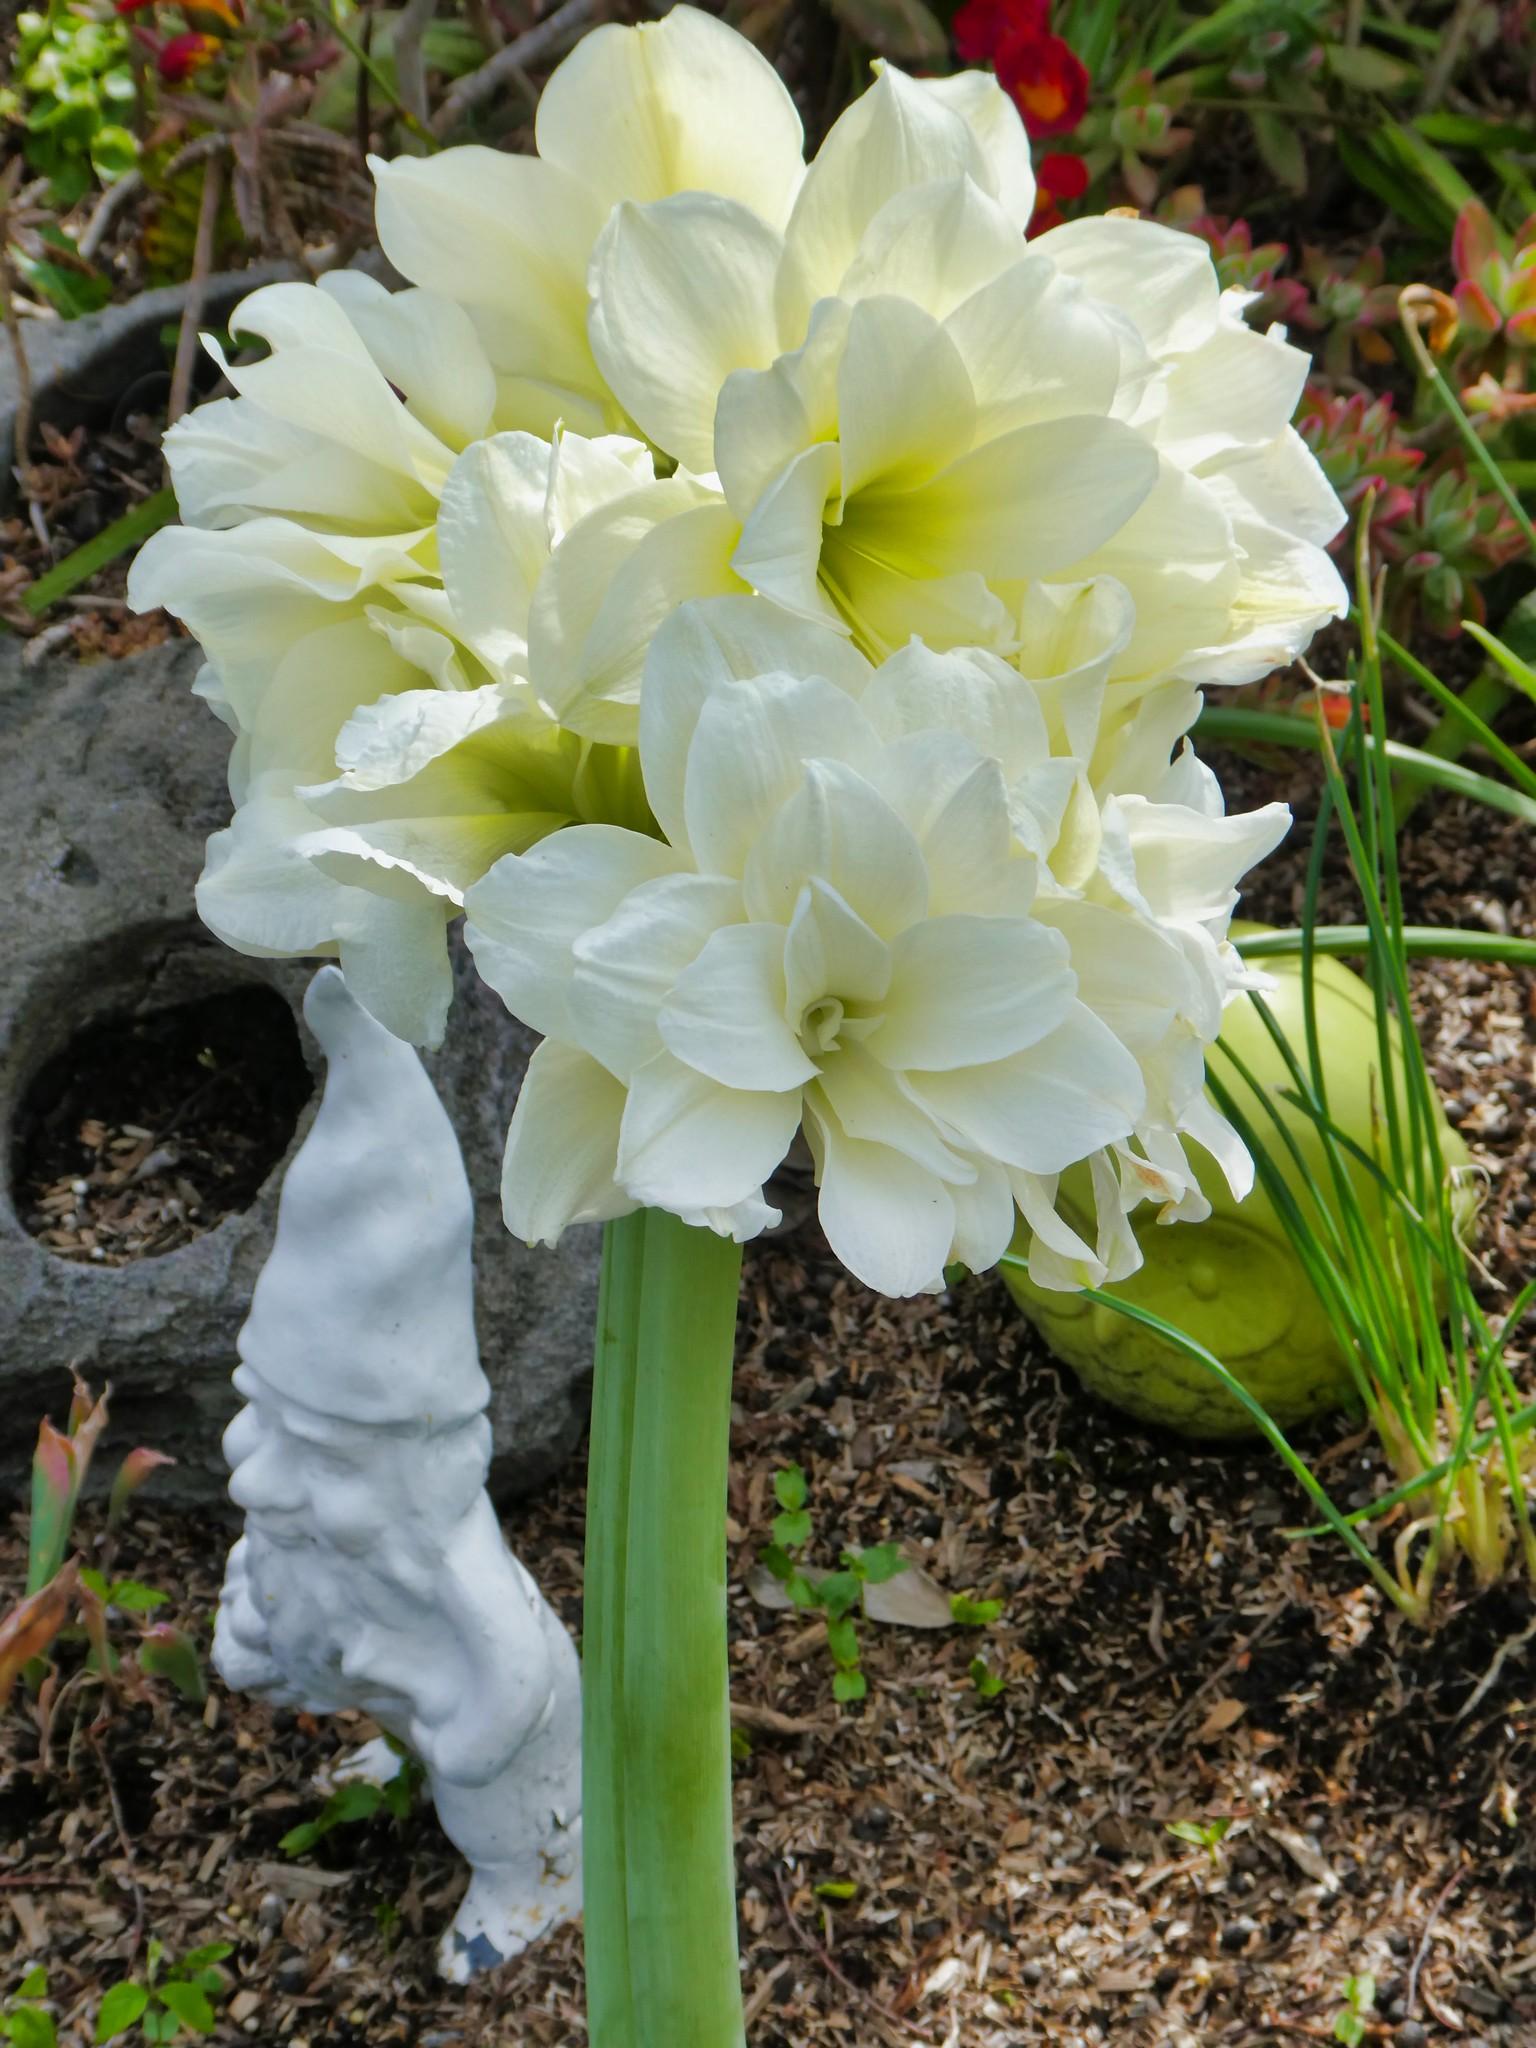 2019-03-24 - Nature Photography - Flowers - Amaryllis